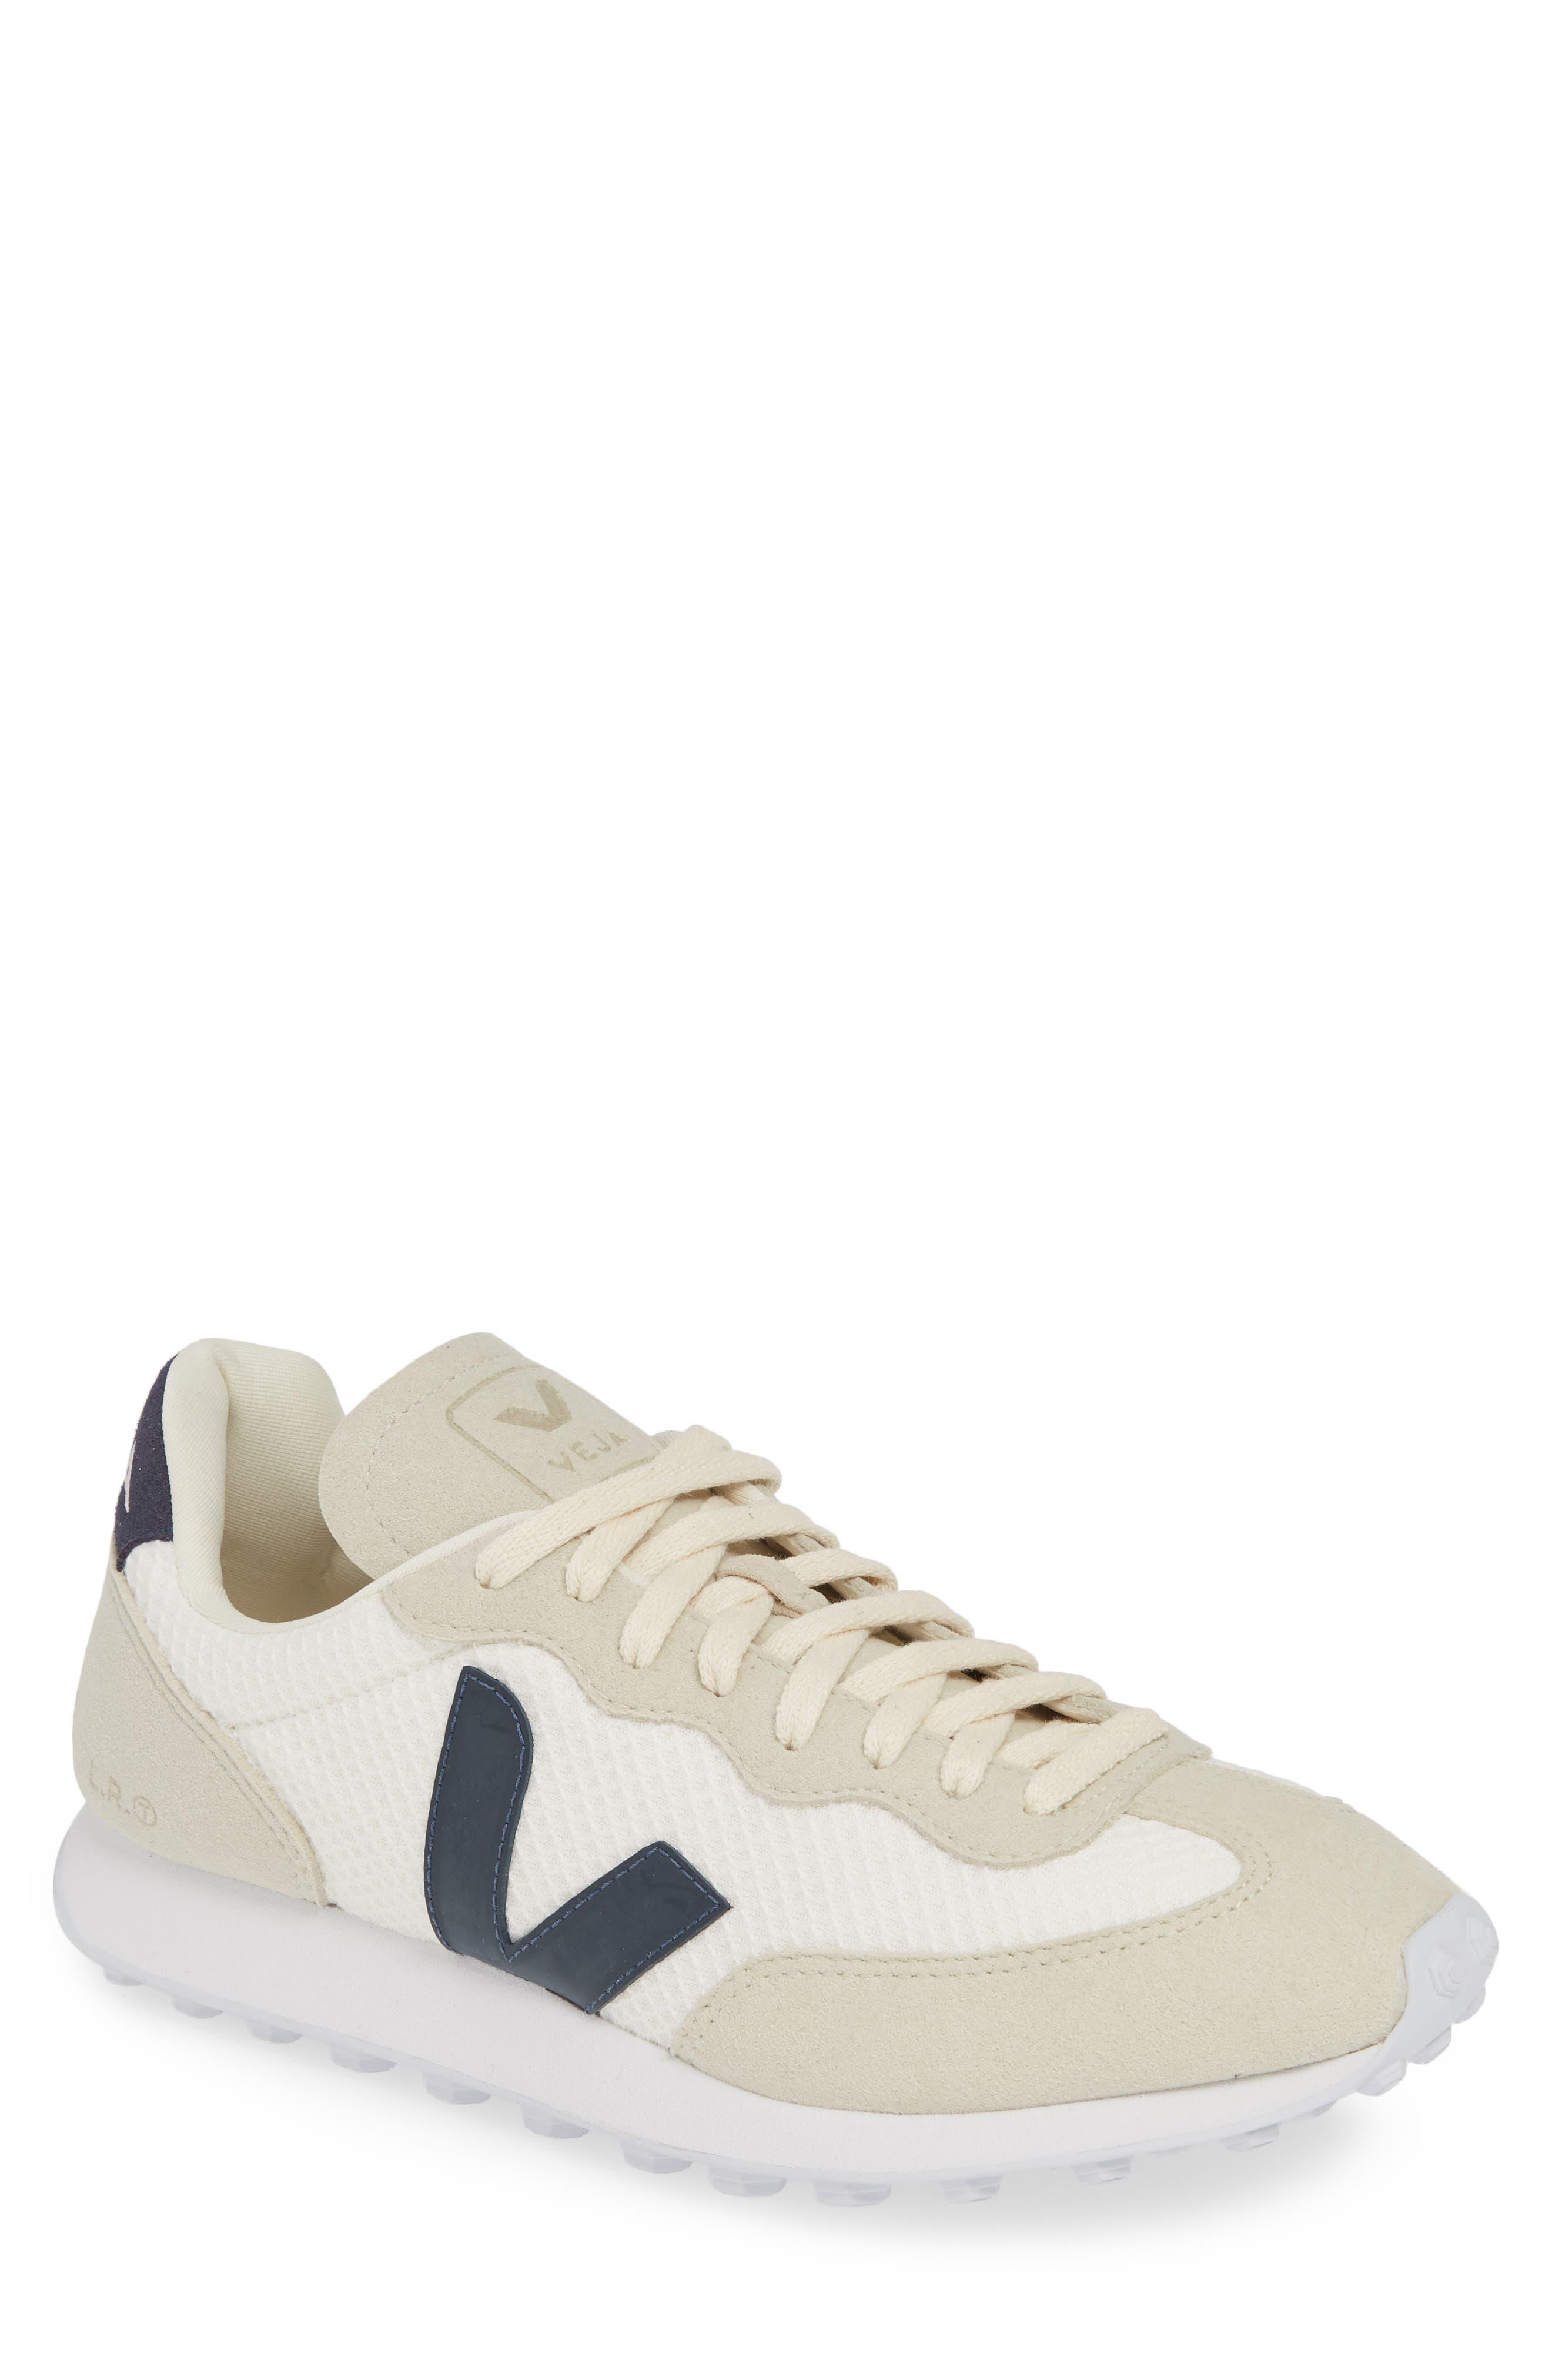 Veja Rio Branco Sneaker, Ivory